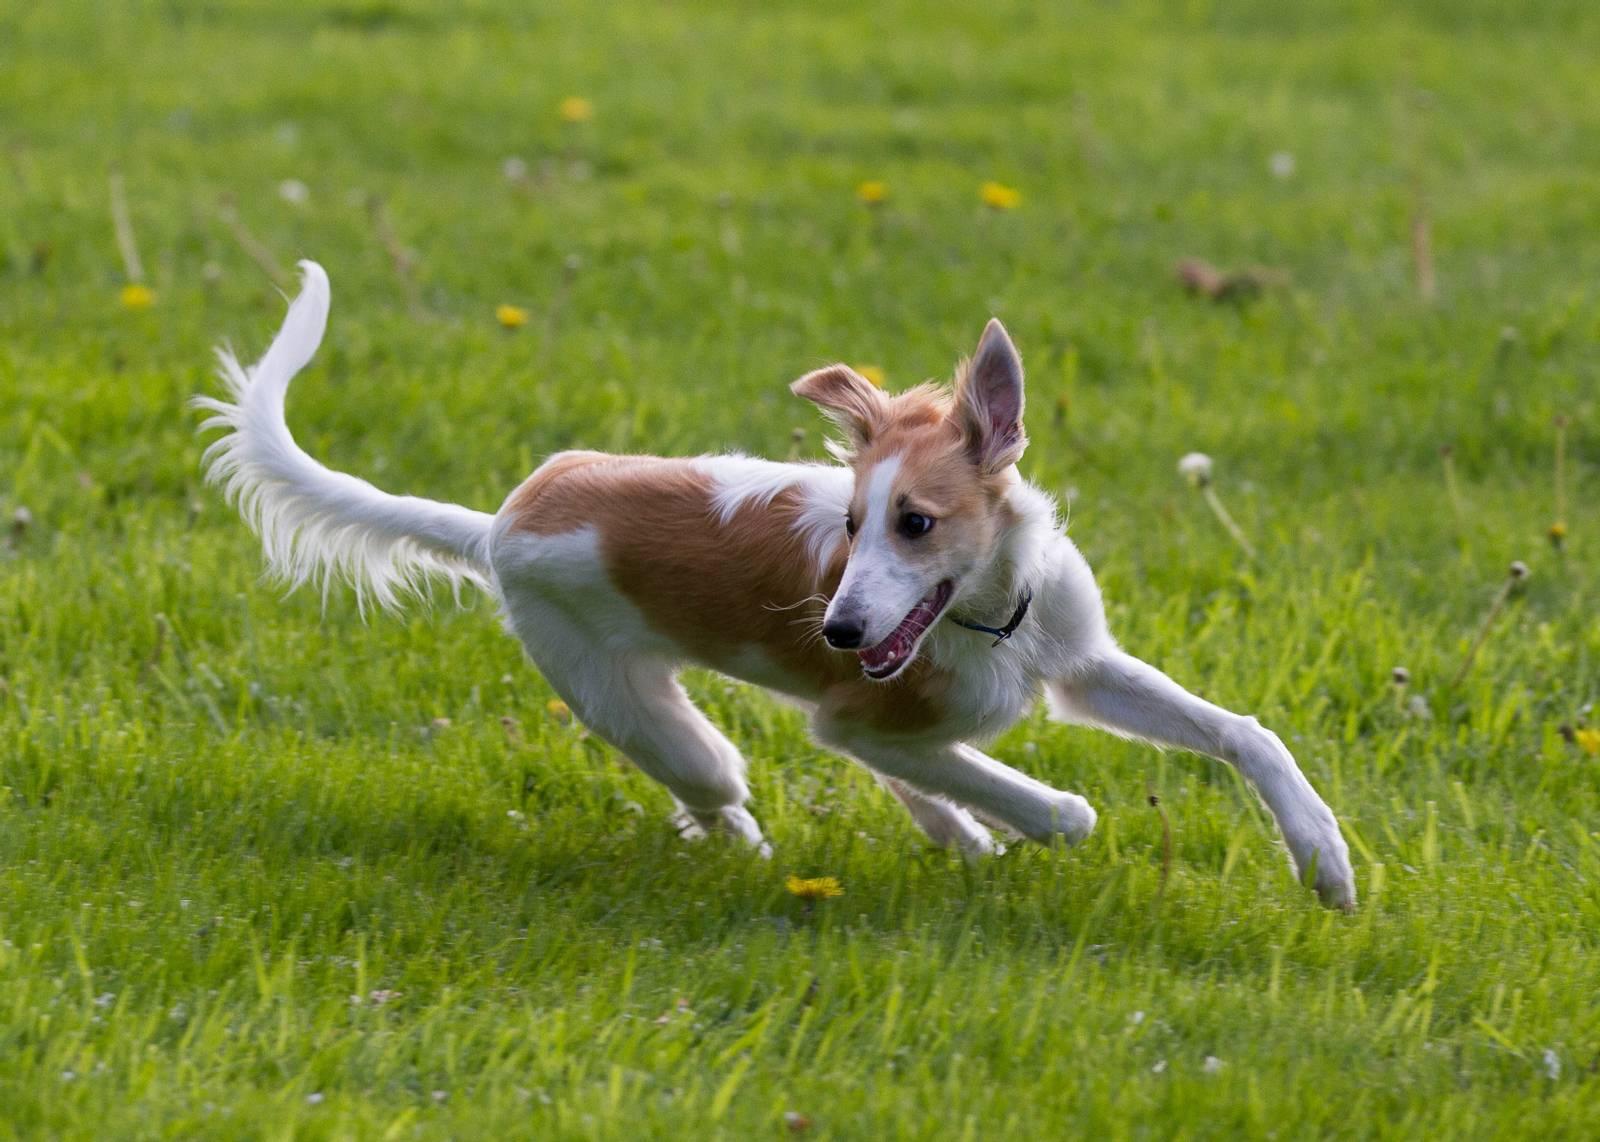 очень картинки собака бежит осознаем важность четко